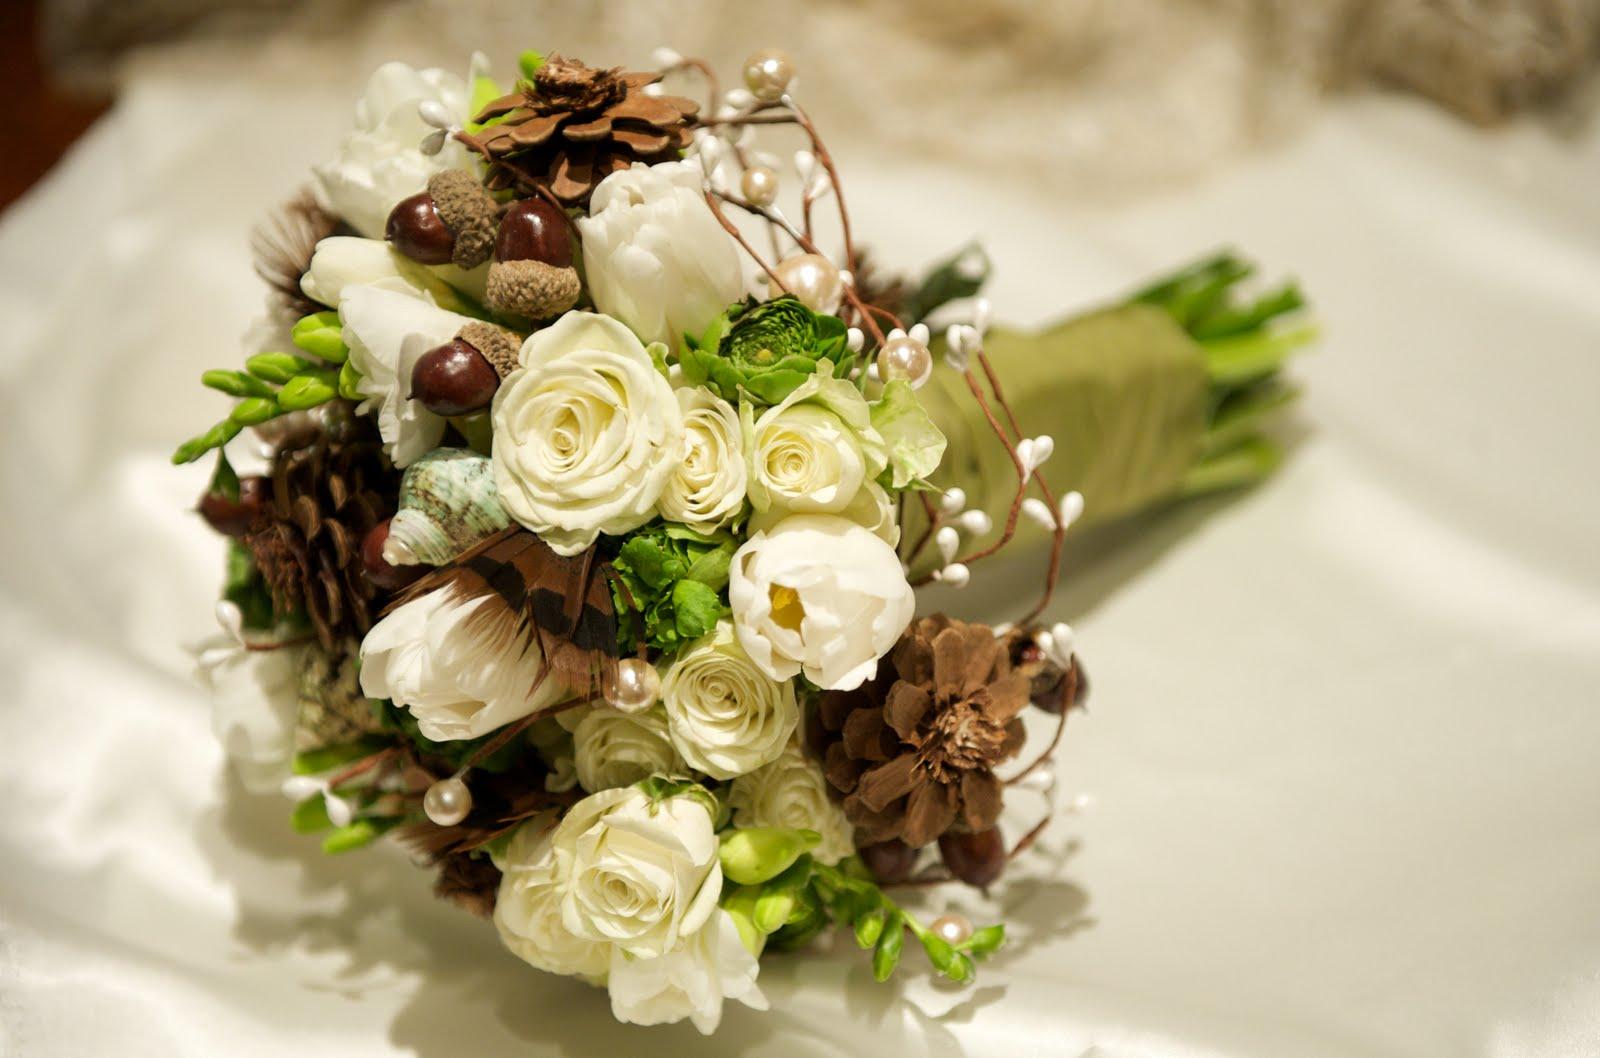 Newport Wedding BLOG: Newport Weddings Twiggy